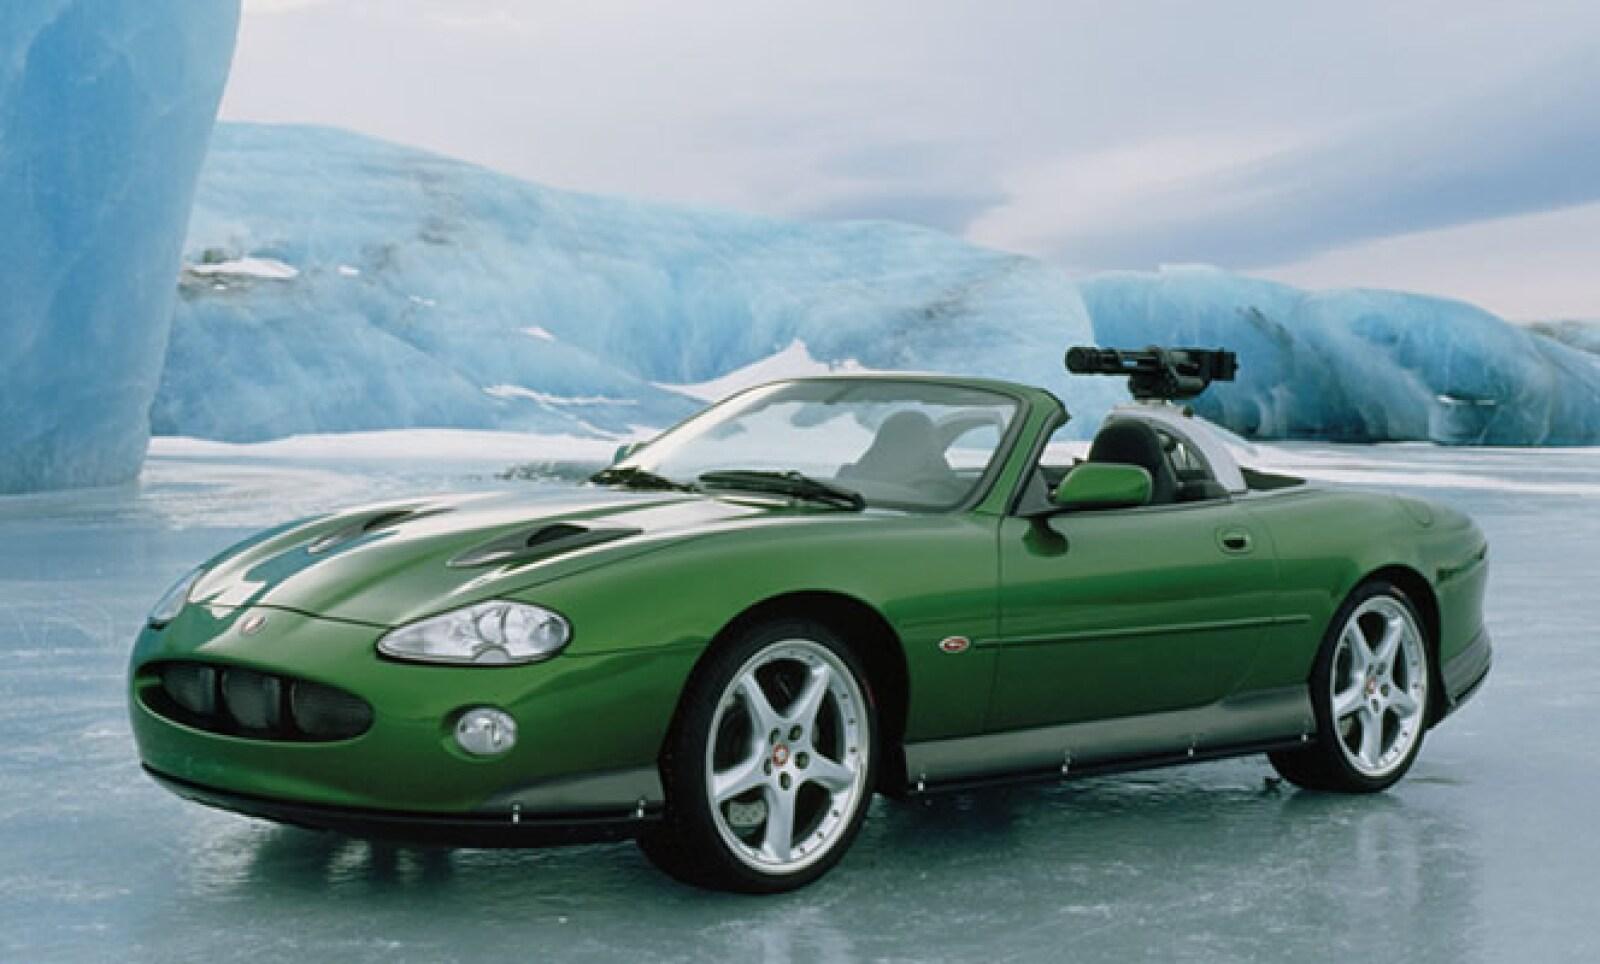 Finalizamos con el único Jaguar que aparece en la exposición del museo del automóvil de Beaulieu, que apareció en la cinta 'Die Another Day'. Tenía sistema de metralletas en la parte trasera, misiles en sus puertas y sistema térmico para ver a los enemigo